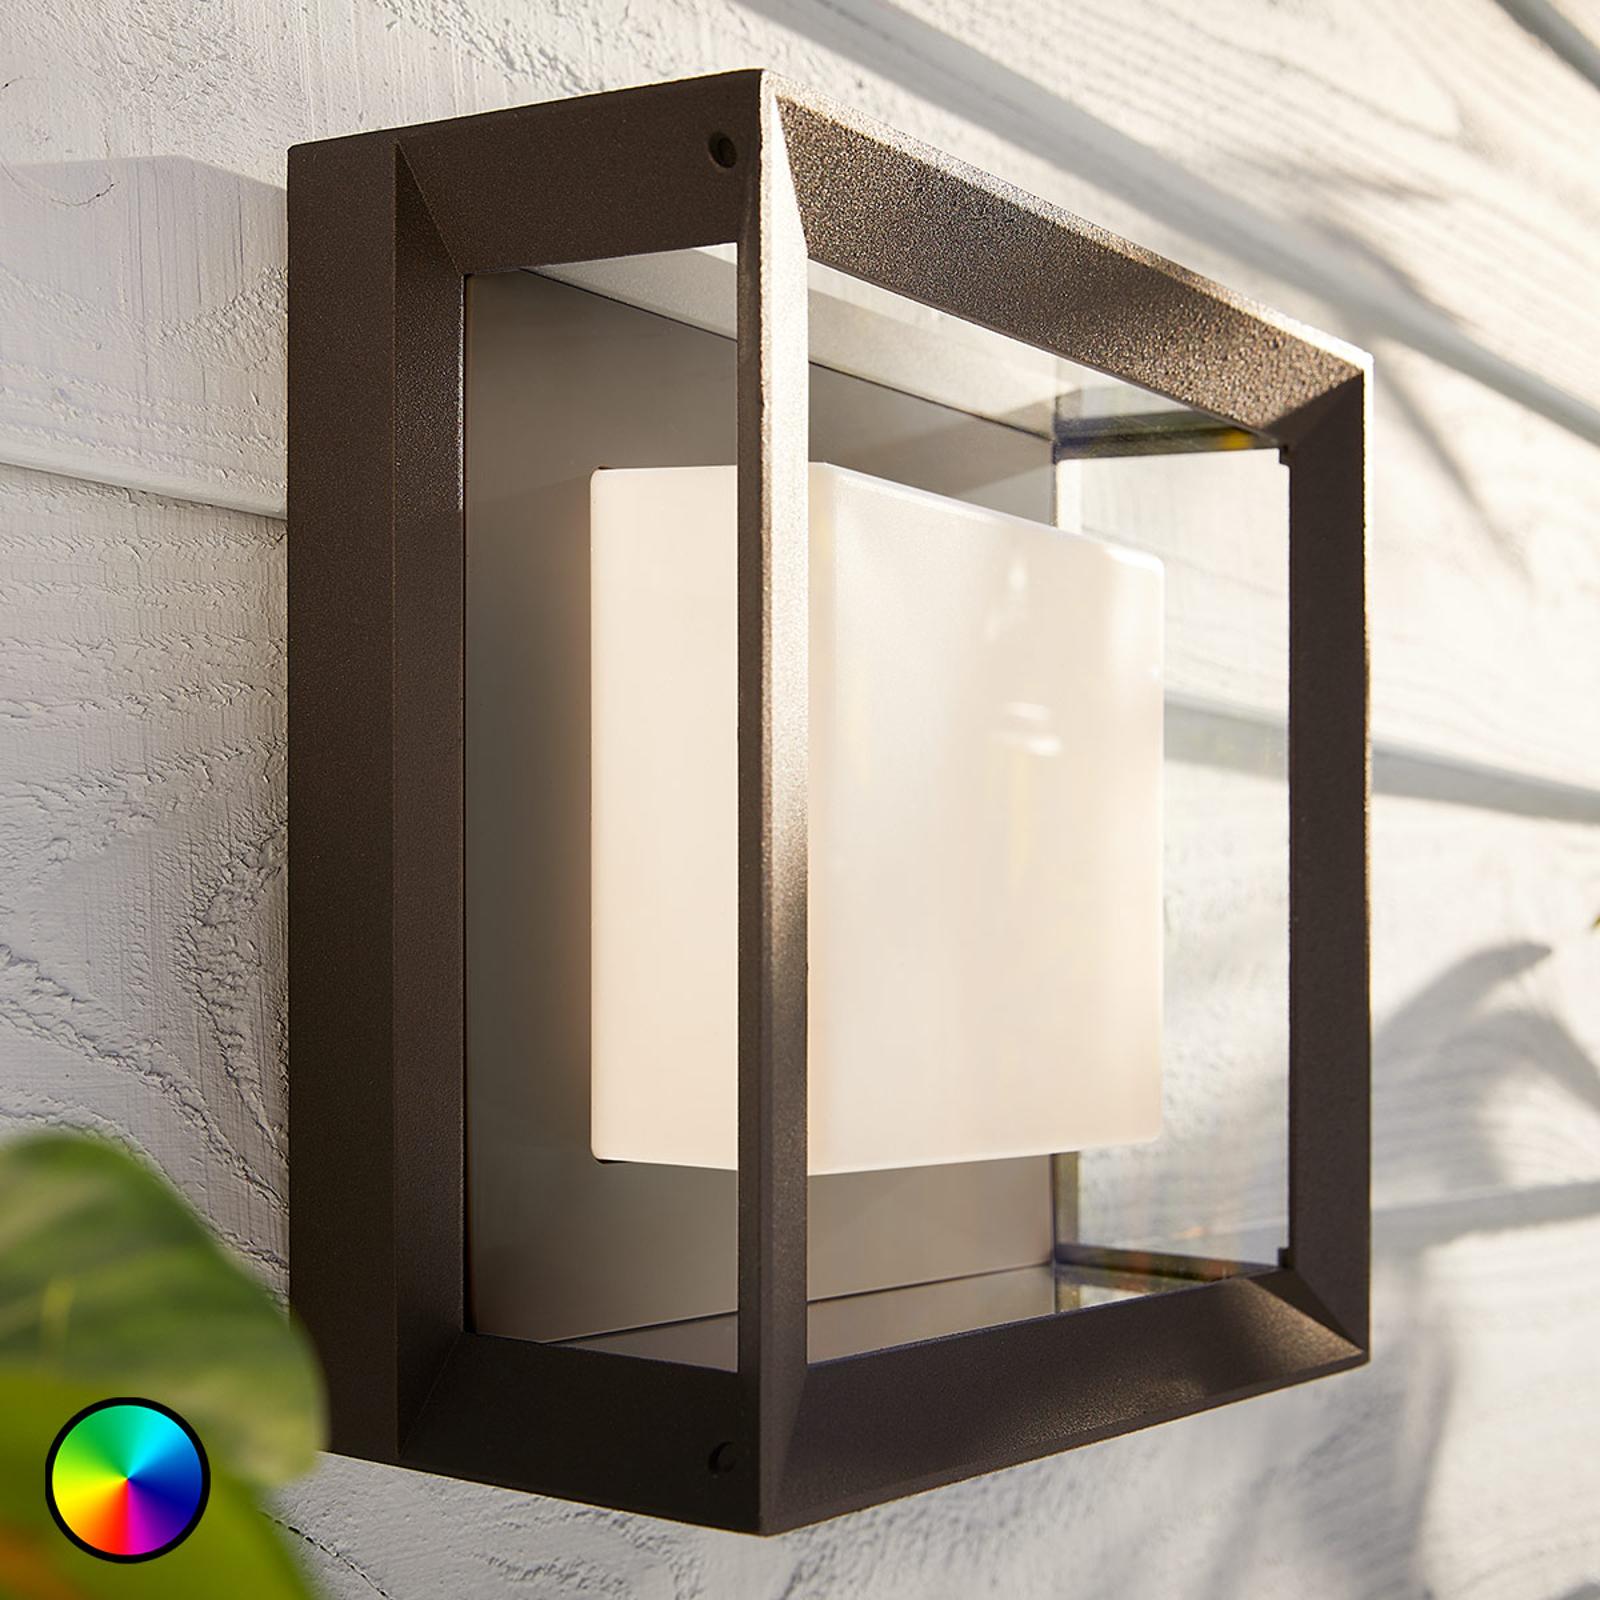 Philips Hue White+Color Econic wall light, angular_7534116_1